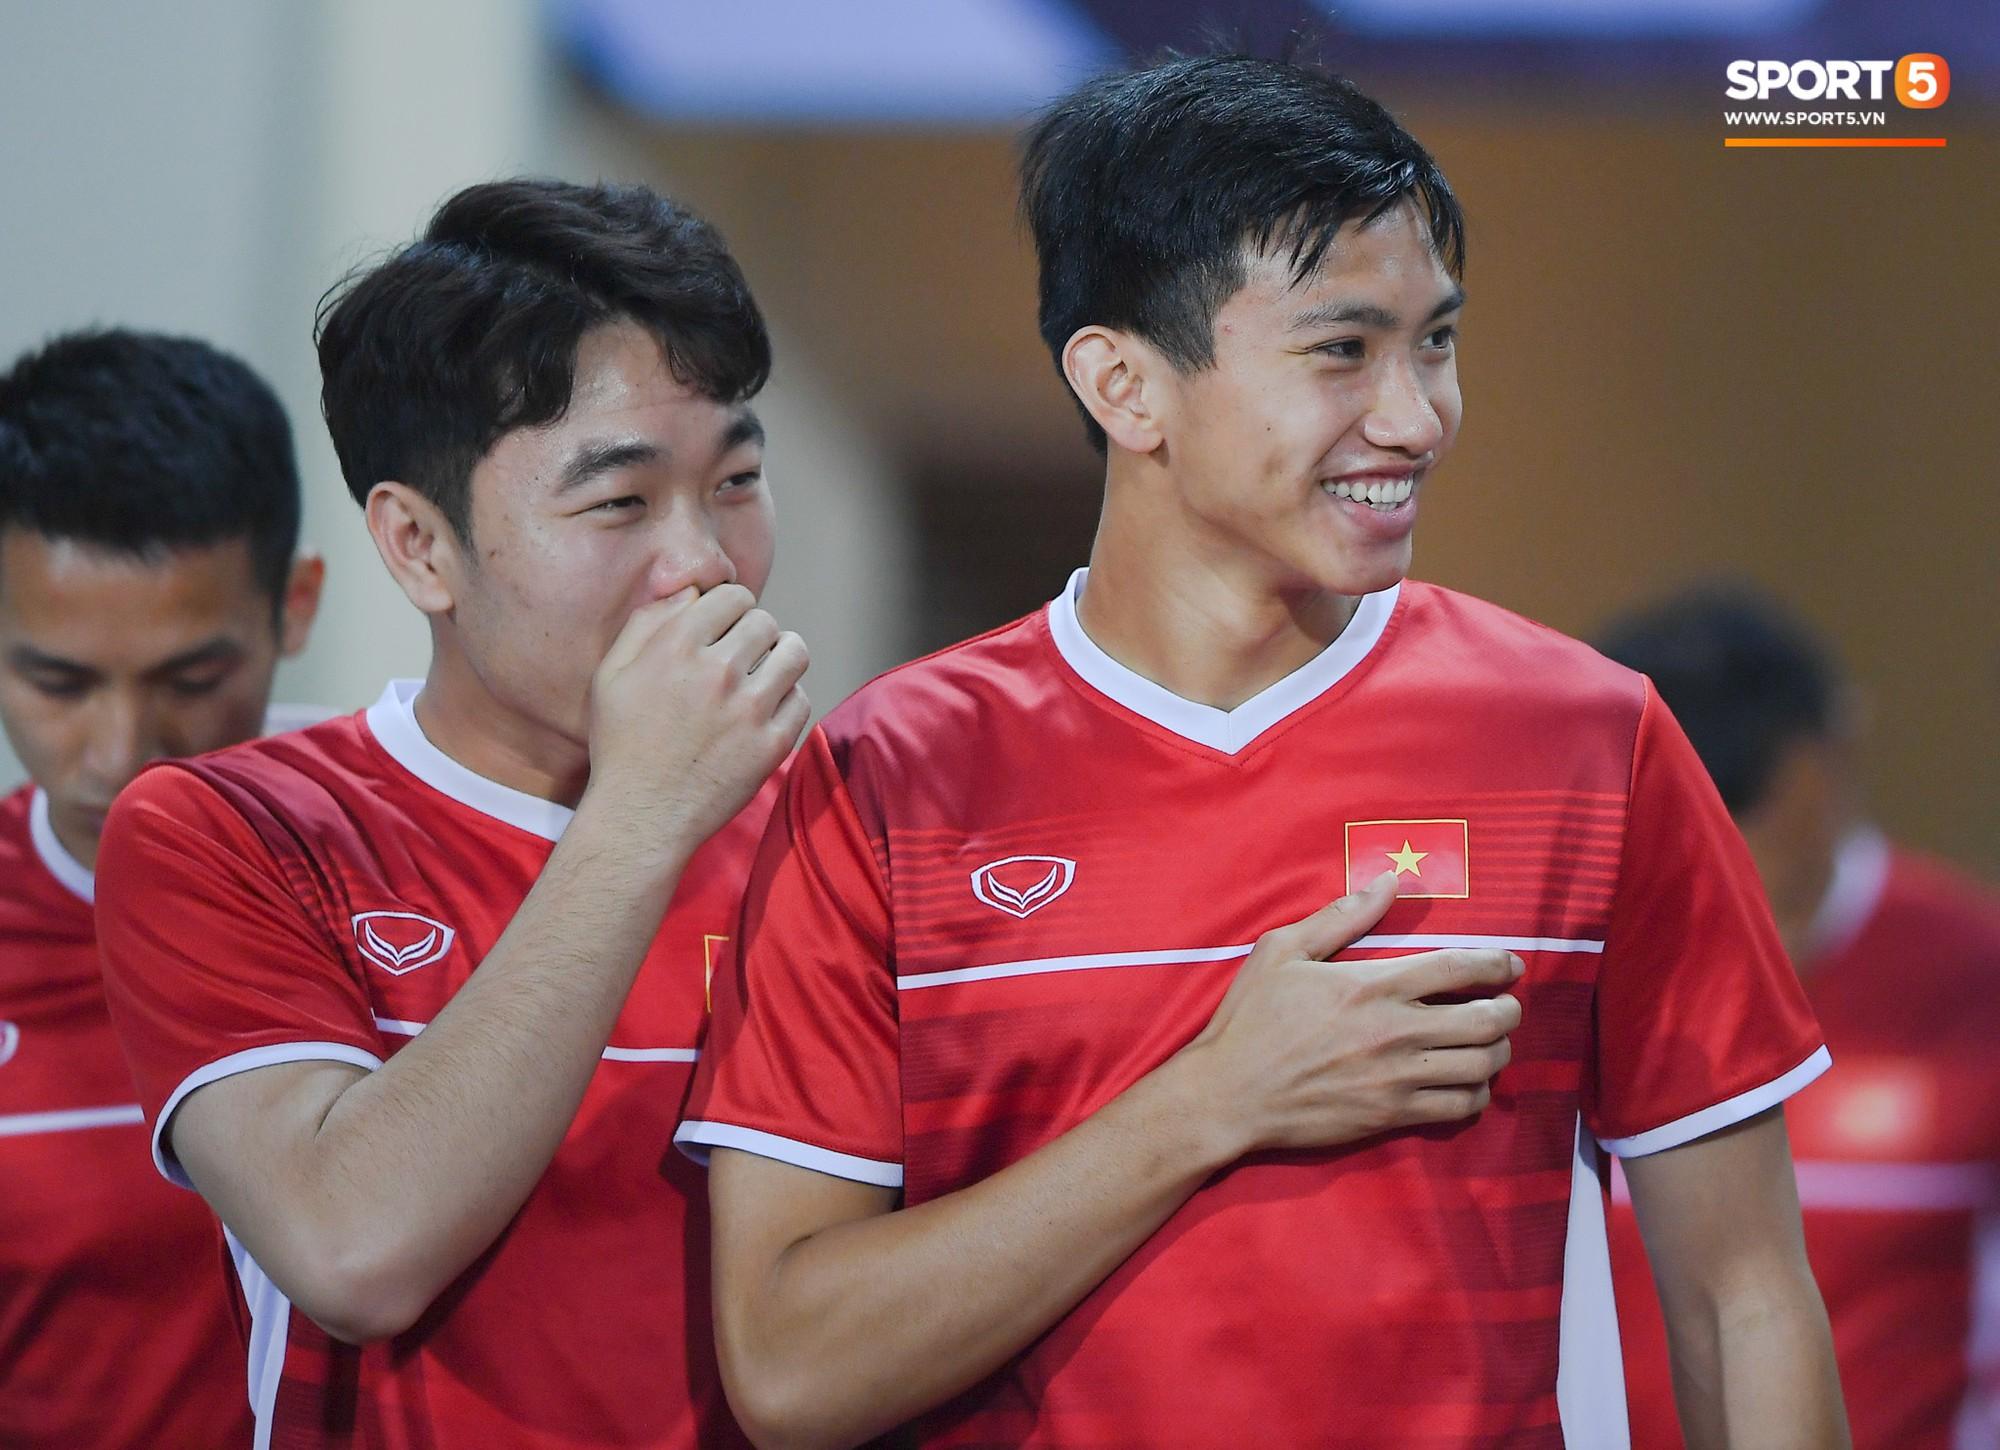 Văn Toàn tươi rói trong ngày trở lại, tuyển Việt Nam đón nhiều tin vui trước trận gặp Philippines-7